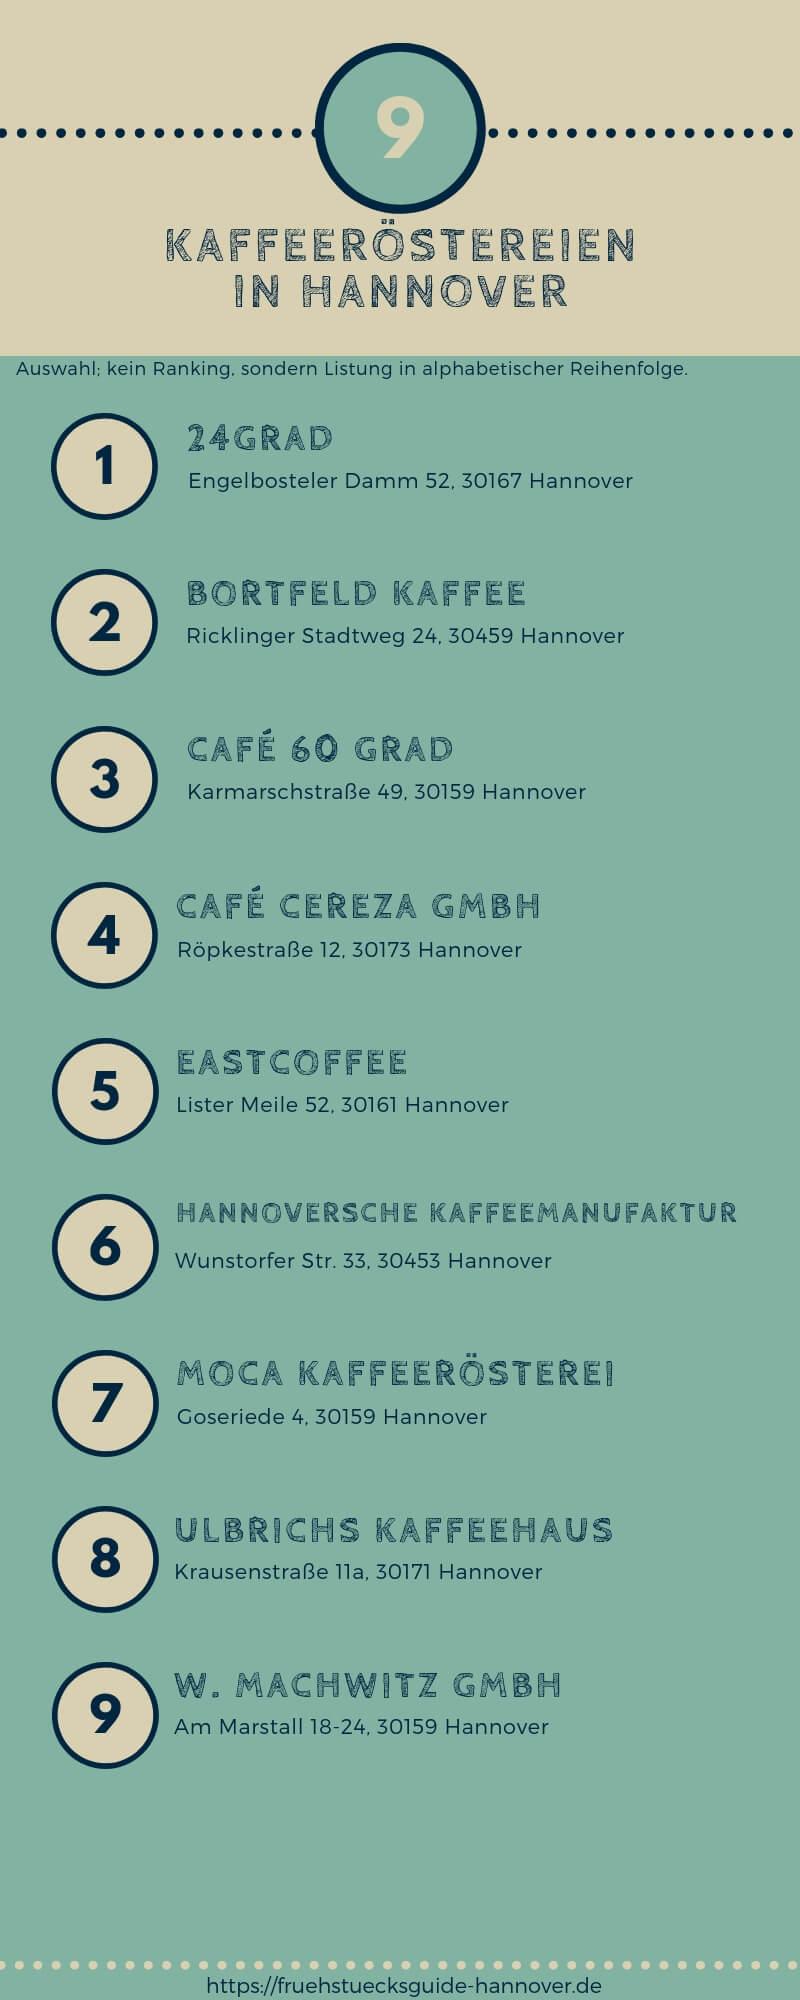 Liste von Kaffeeröstereien in Hannover